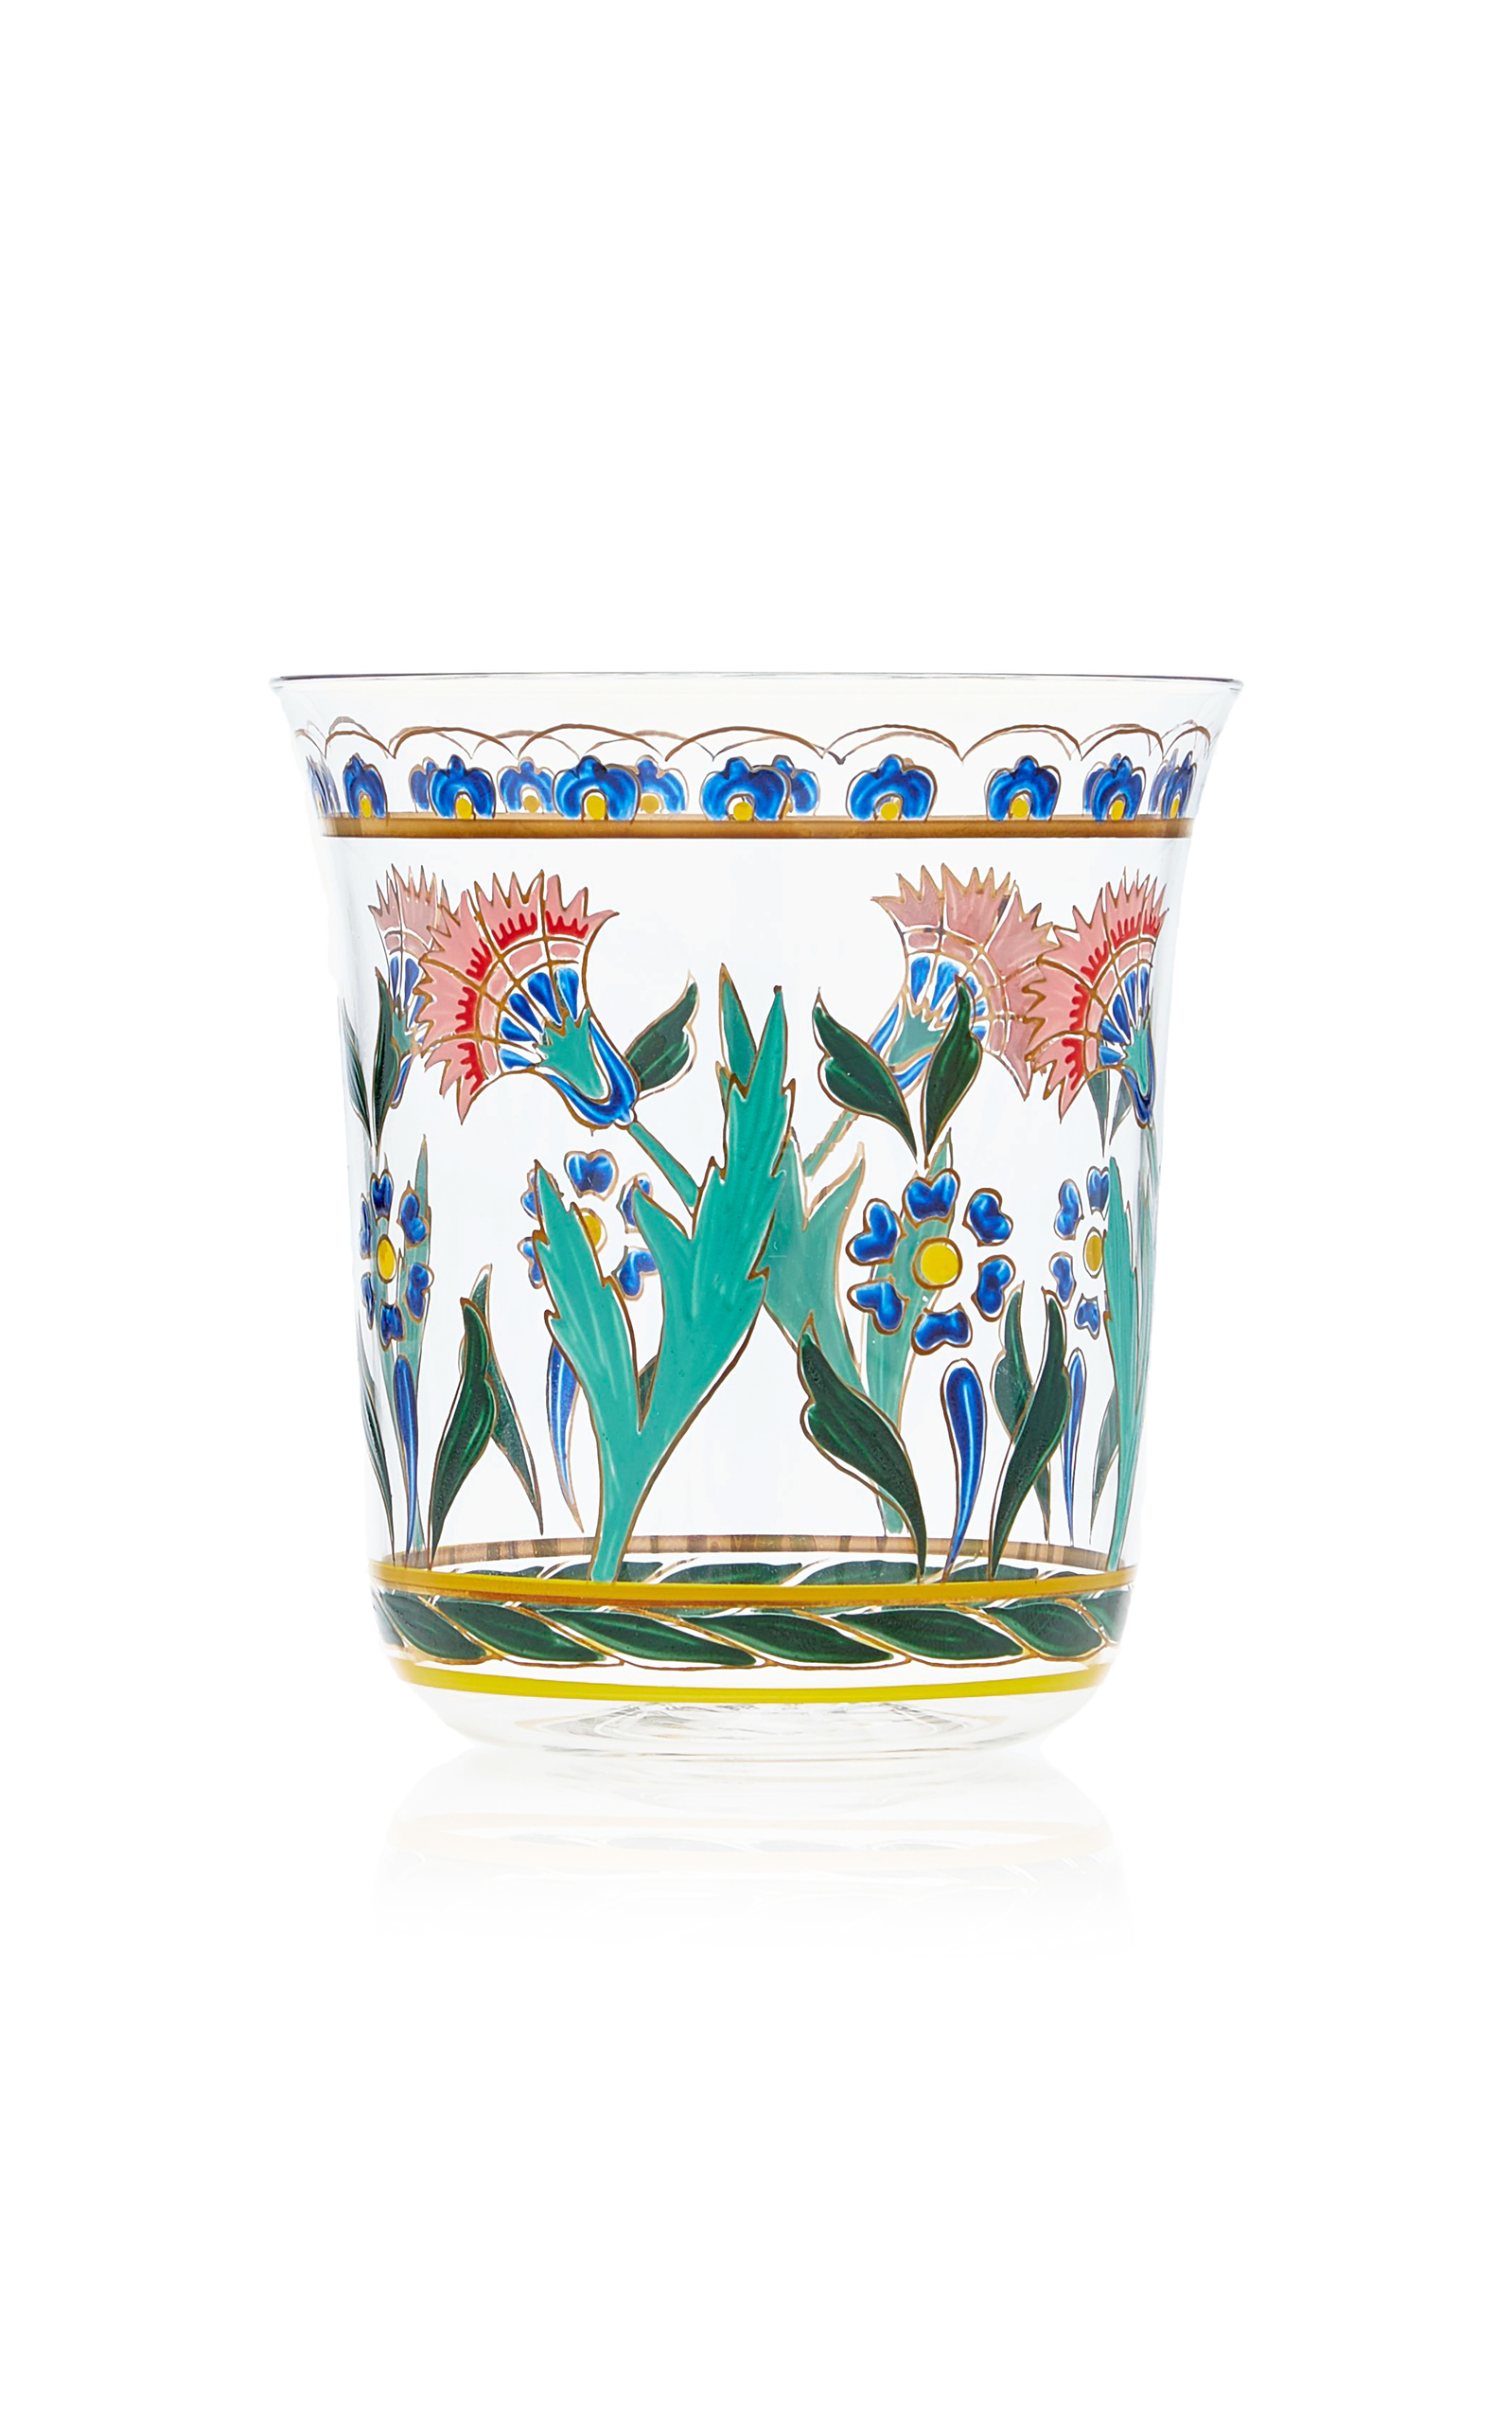 Lobmeyr – Persian No. 3 Handpainted Floral Motif Tumbler – Color: Multi – Material: glass – Moda Operandi